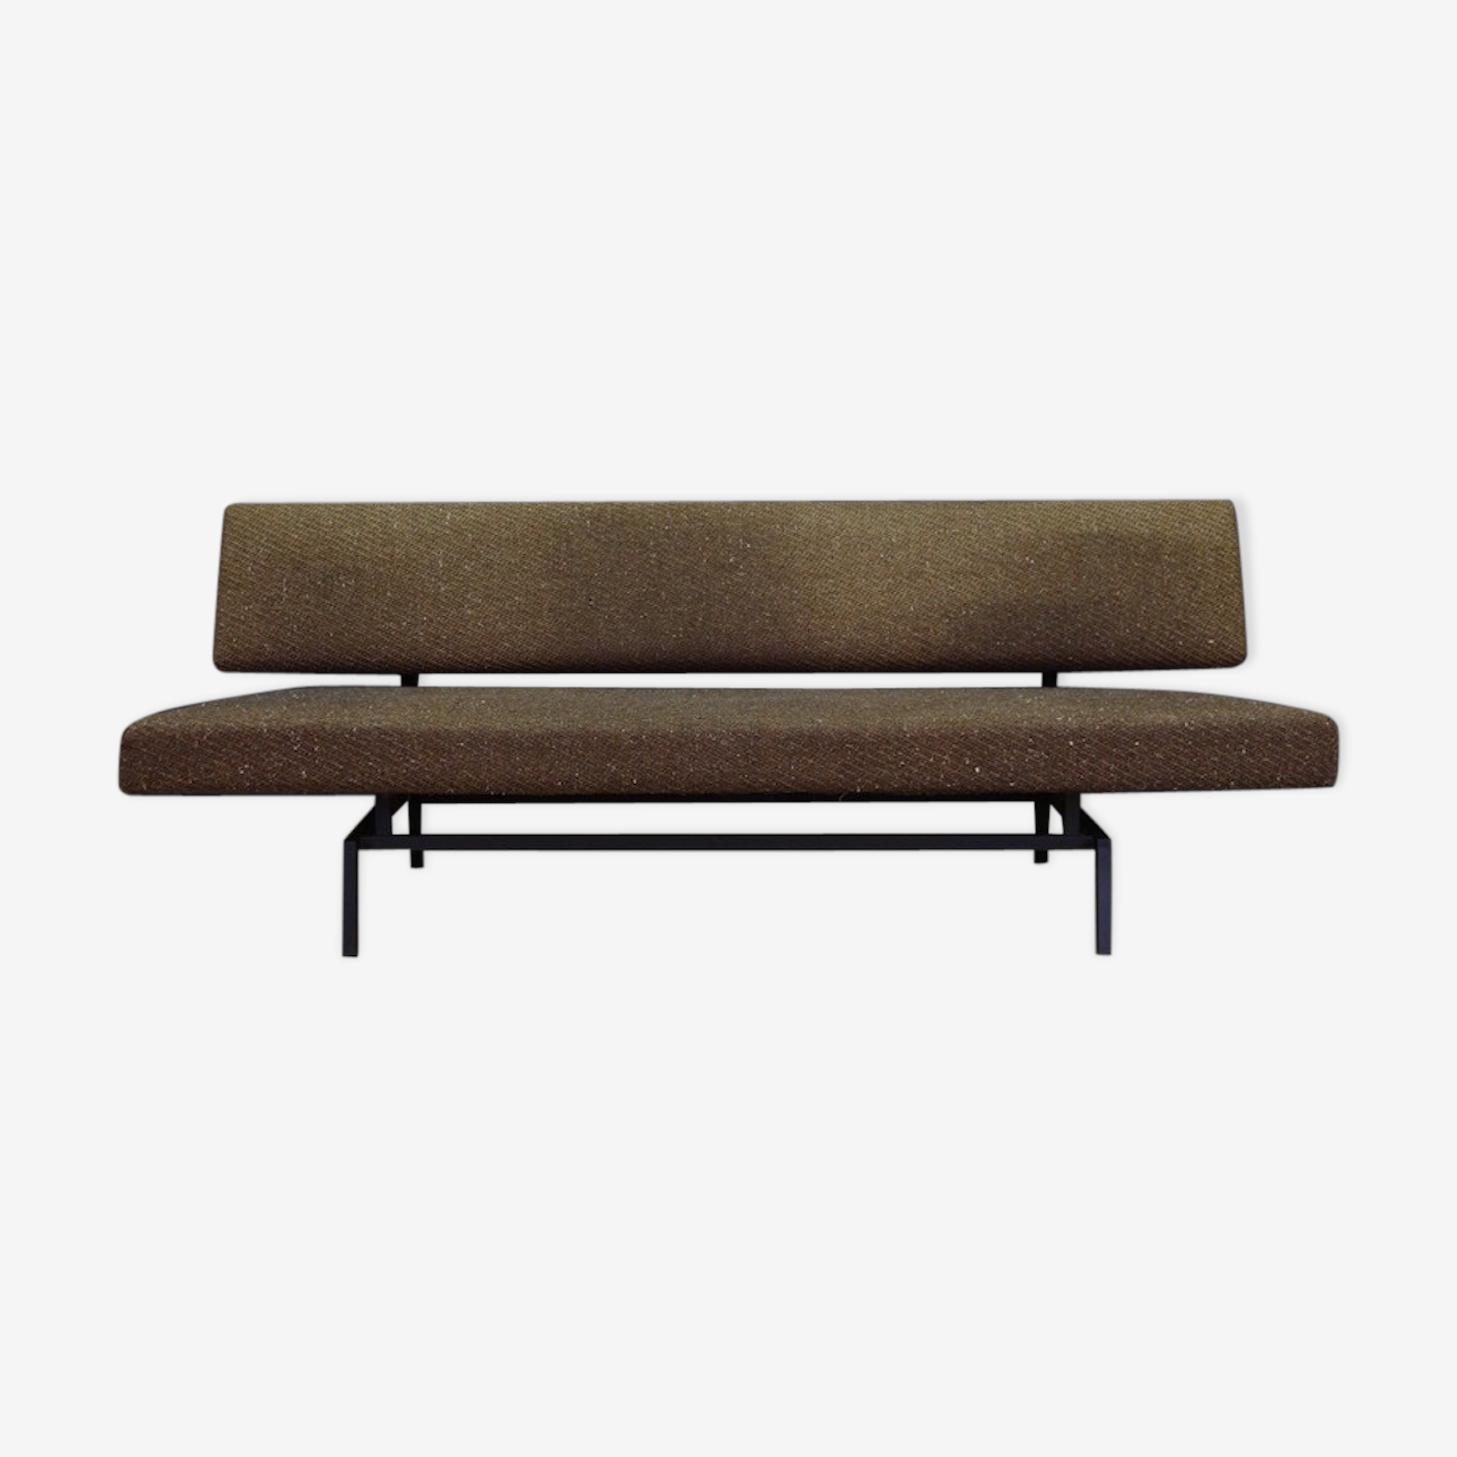 Canapé modèle BR03 par Martin Viser pour Spectrum